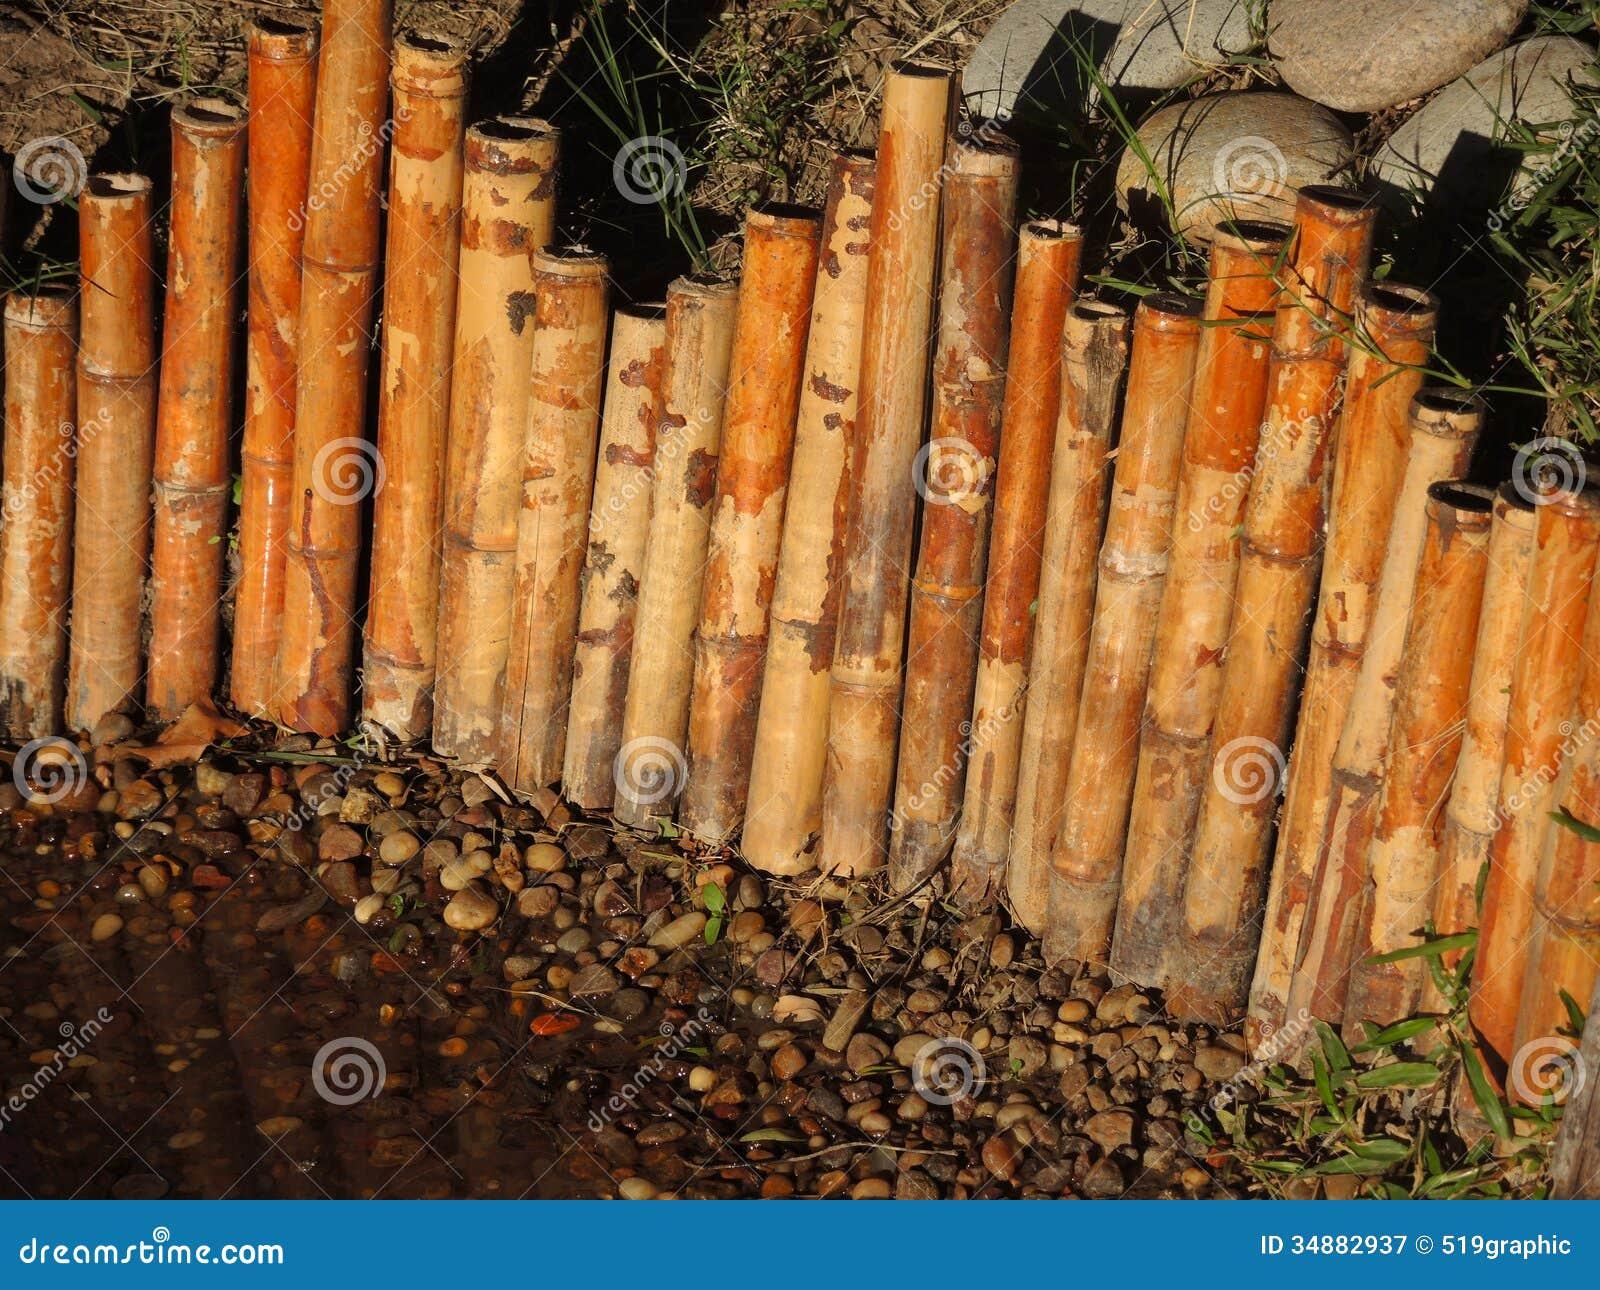 Wonderful Bamboo Japanese Fence. Royalty Free Stock Photography